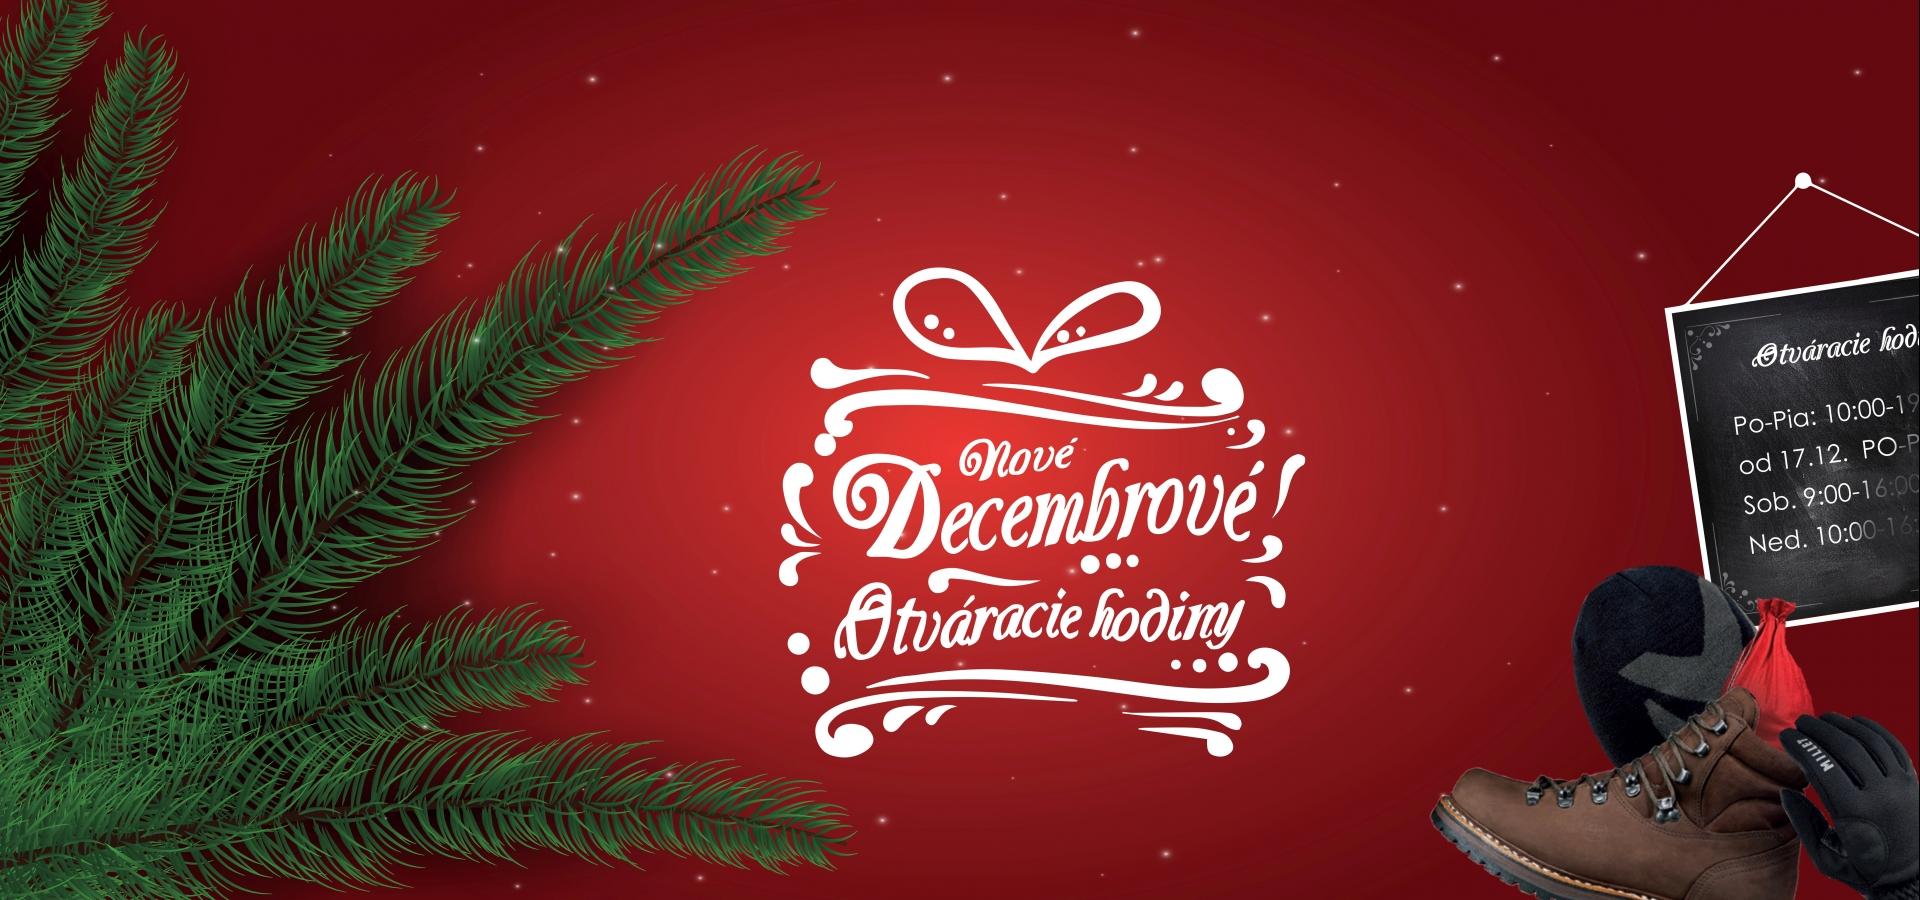 Decembrové otváracie hodiny